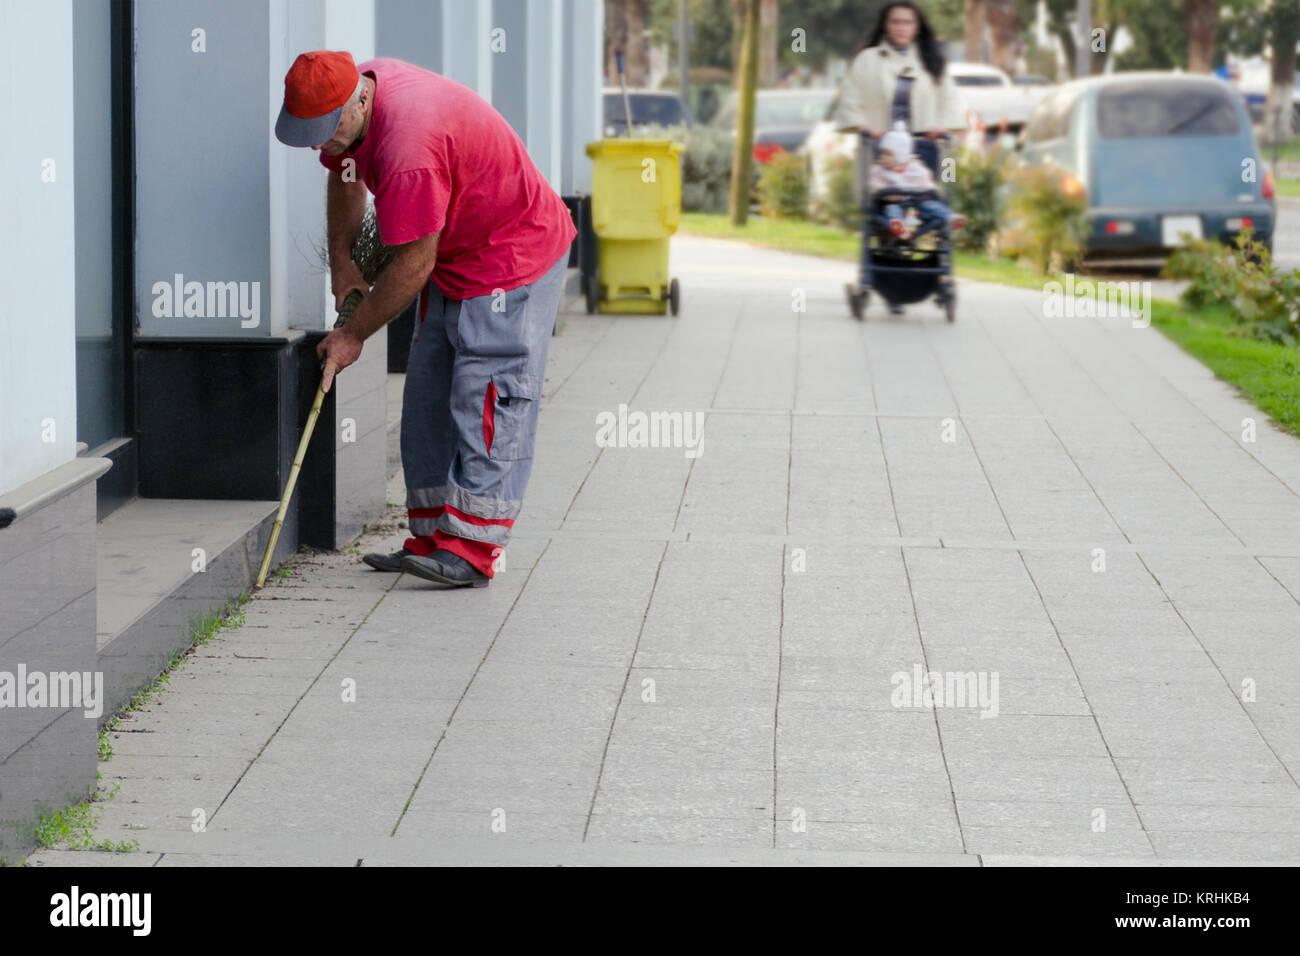 Eine Stadt sauberer sammelt Müll in der Nähe eines Gebäudes in der Nähe der Gehweg. Stockbild